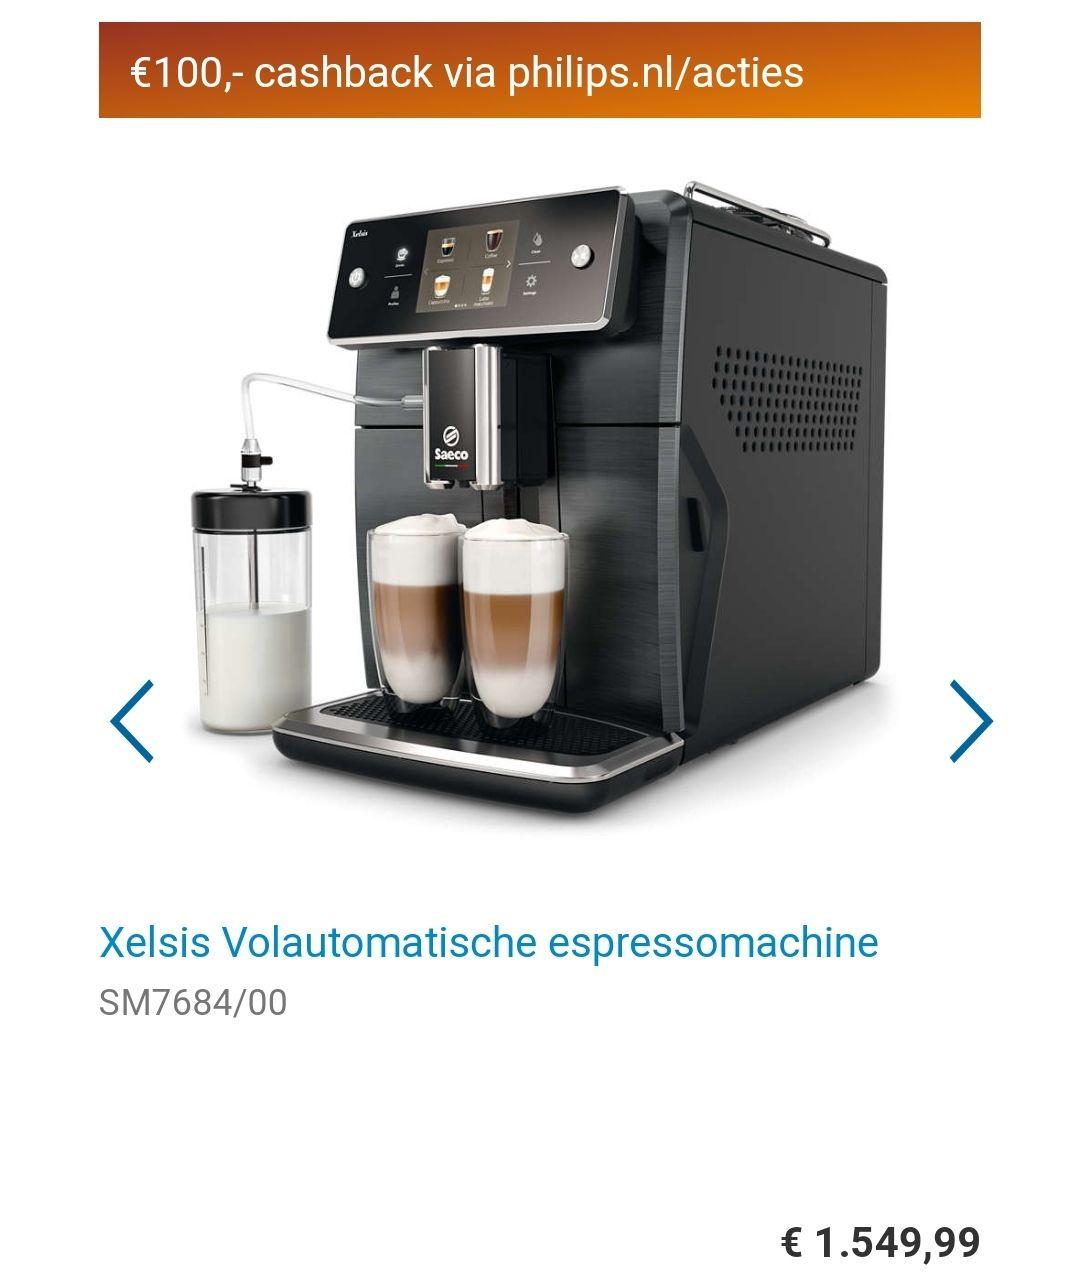 Xelsis Volautomatische espressomachine SM7684/00 + 30% korting op heel het assortiment met eurosparen + 100 euro cashback @philips